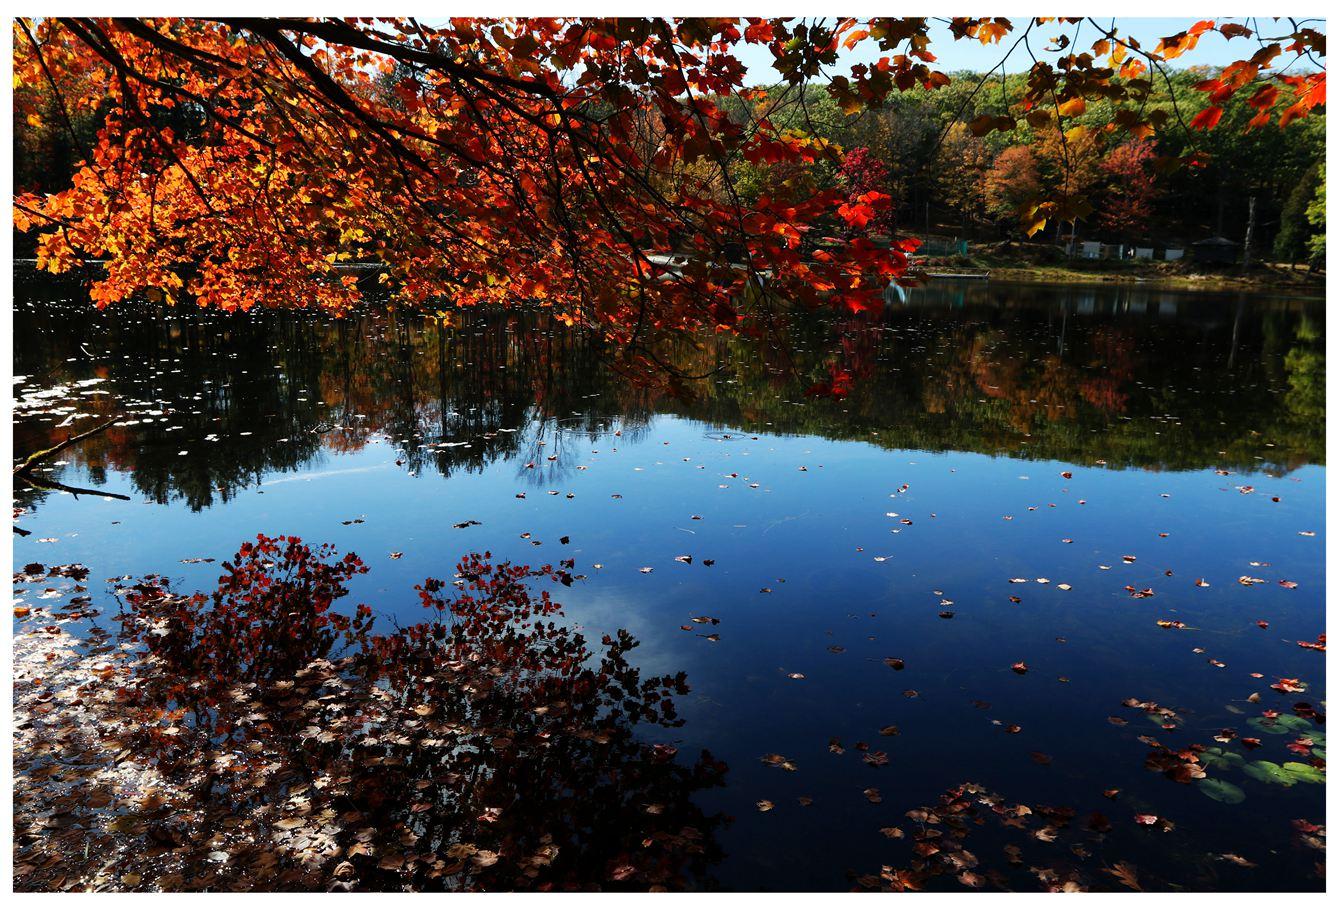 风光] 叶到红时勘比花—实拍美国东部深秋红叶_图1-16